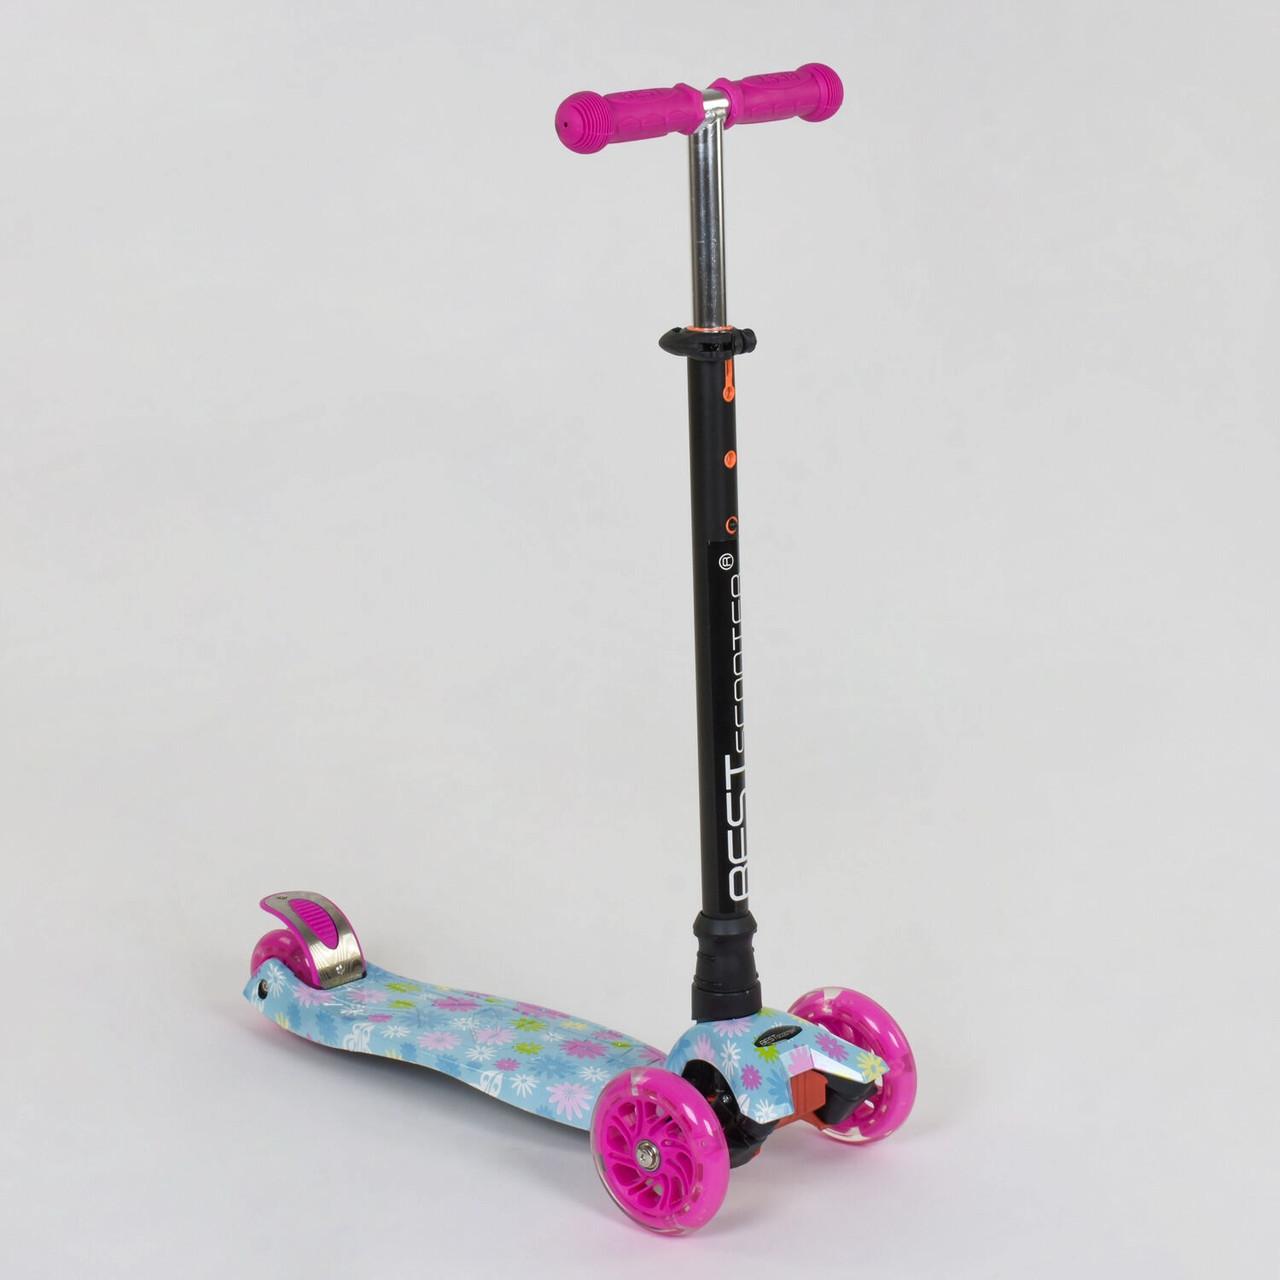 Самокат Best Scooter Maxi А 25530 /779-1328, светящиеся PU колеса